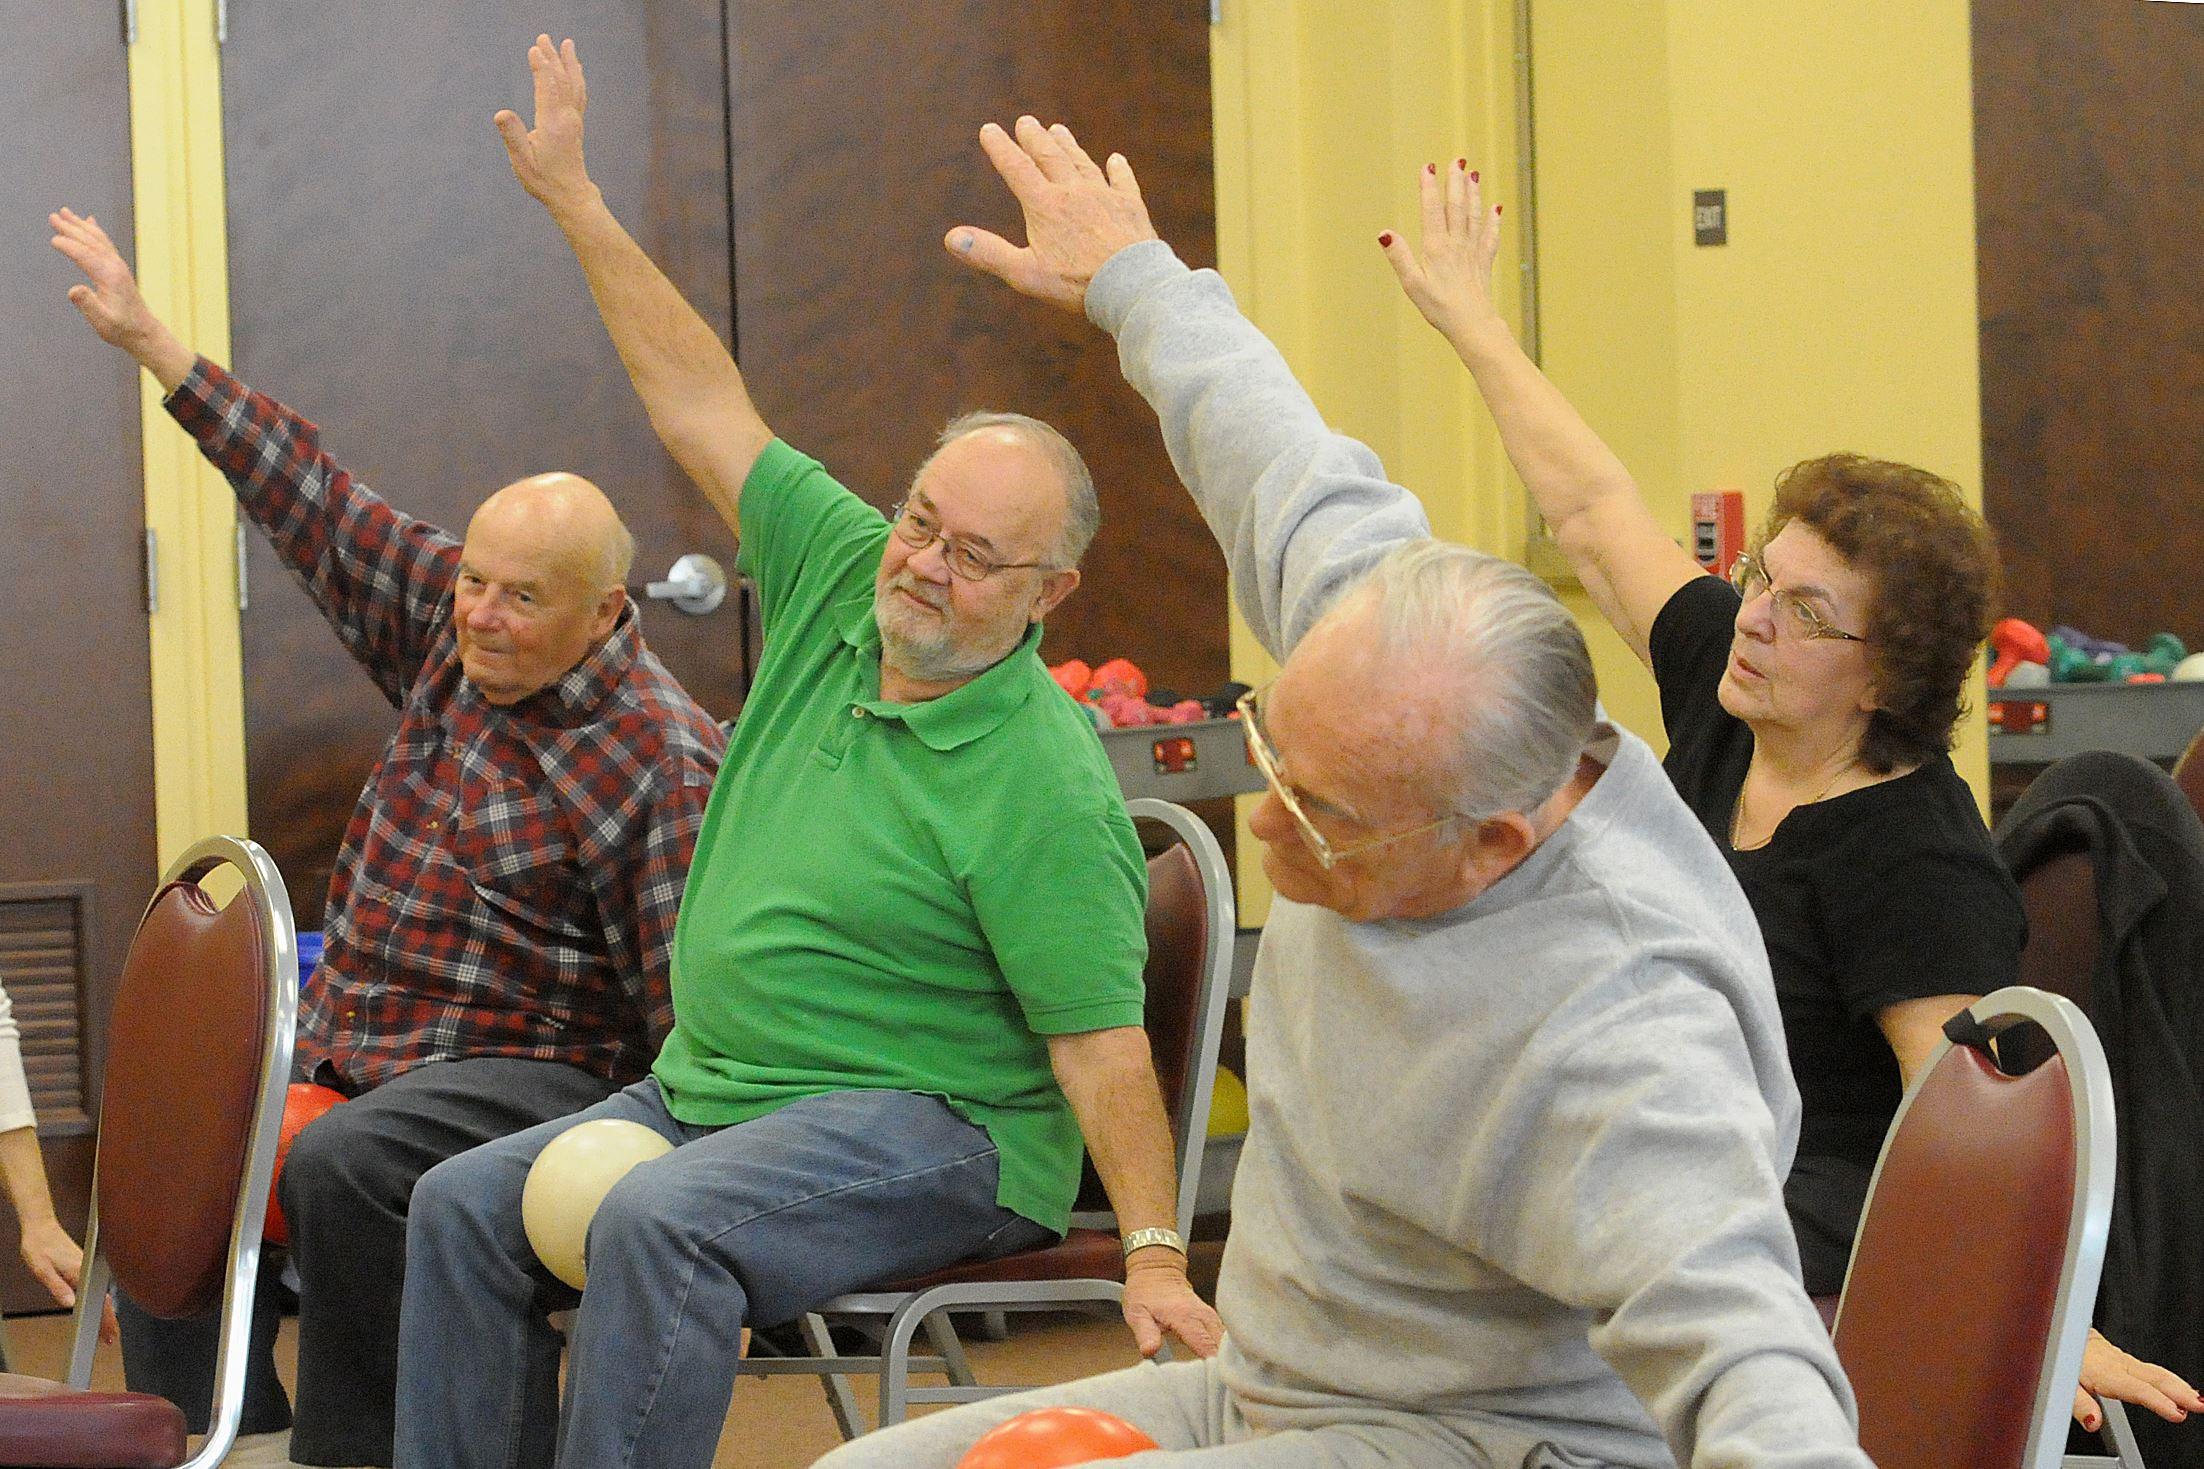 Exercises for senior citizens